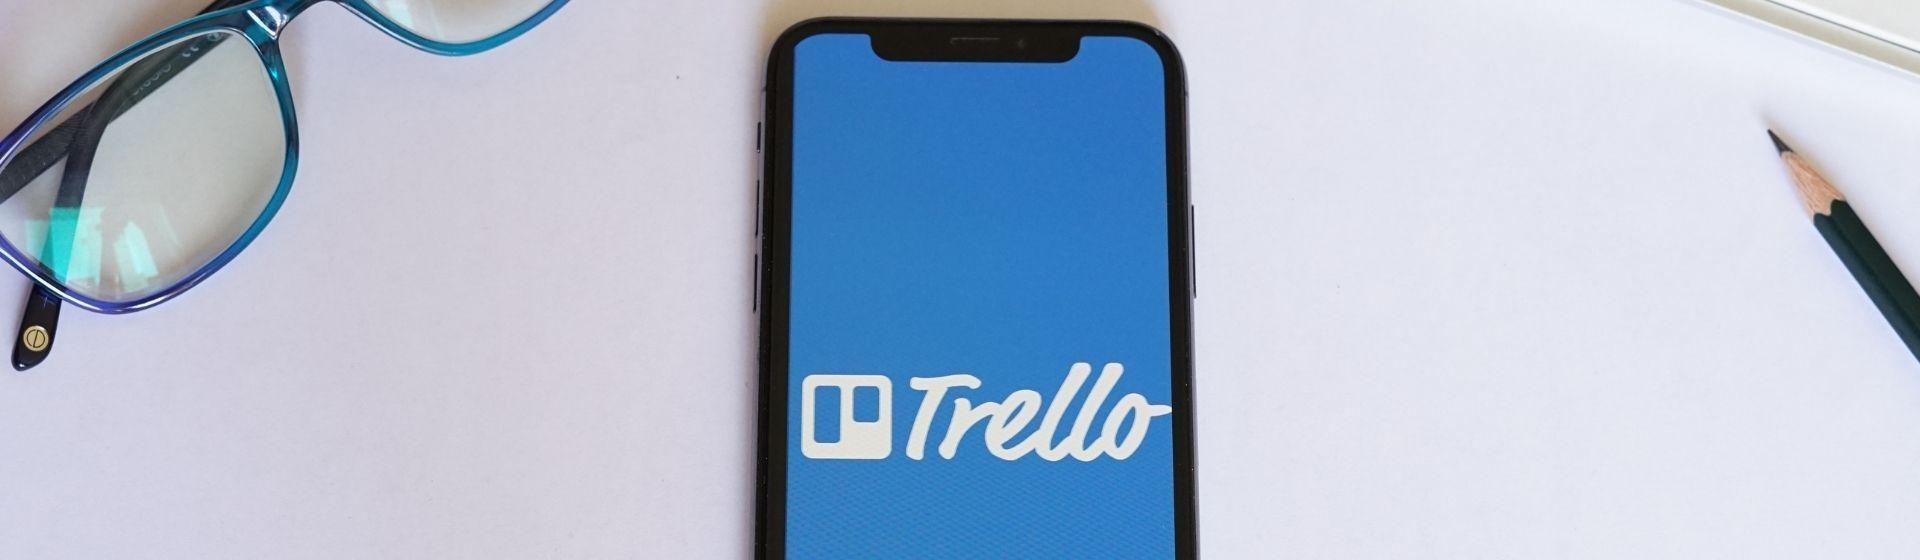 Trello: aplicativo de To Do List para equipes também organiza vida social